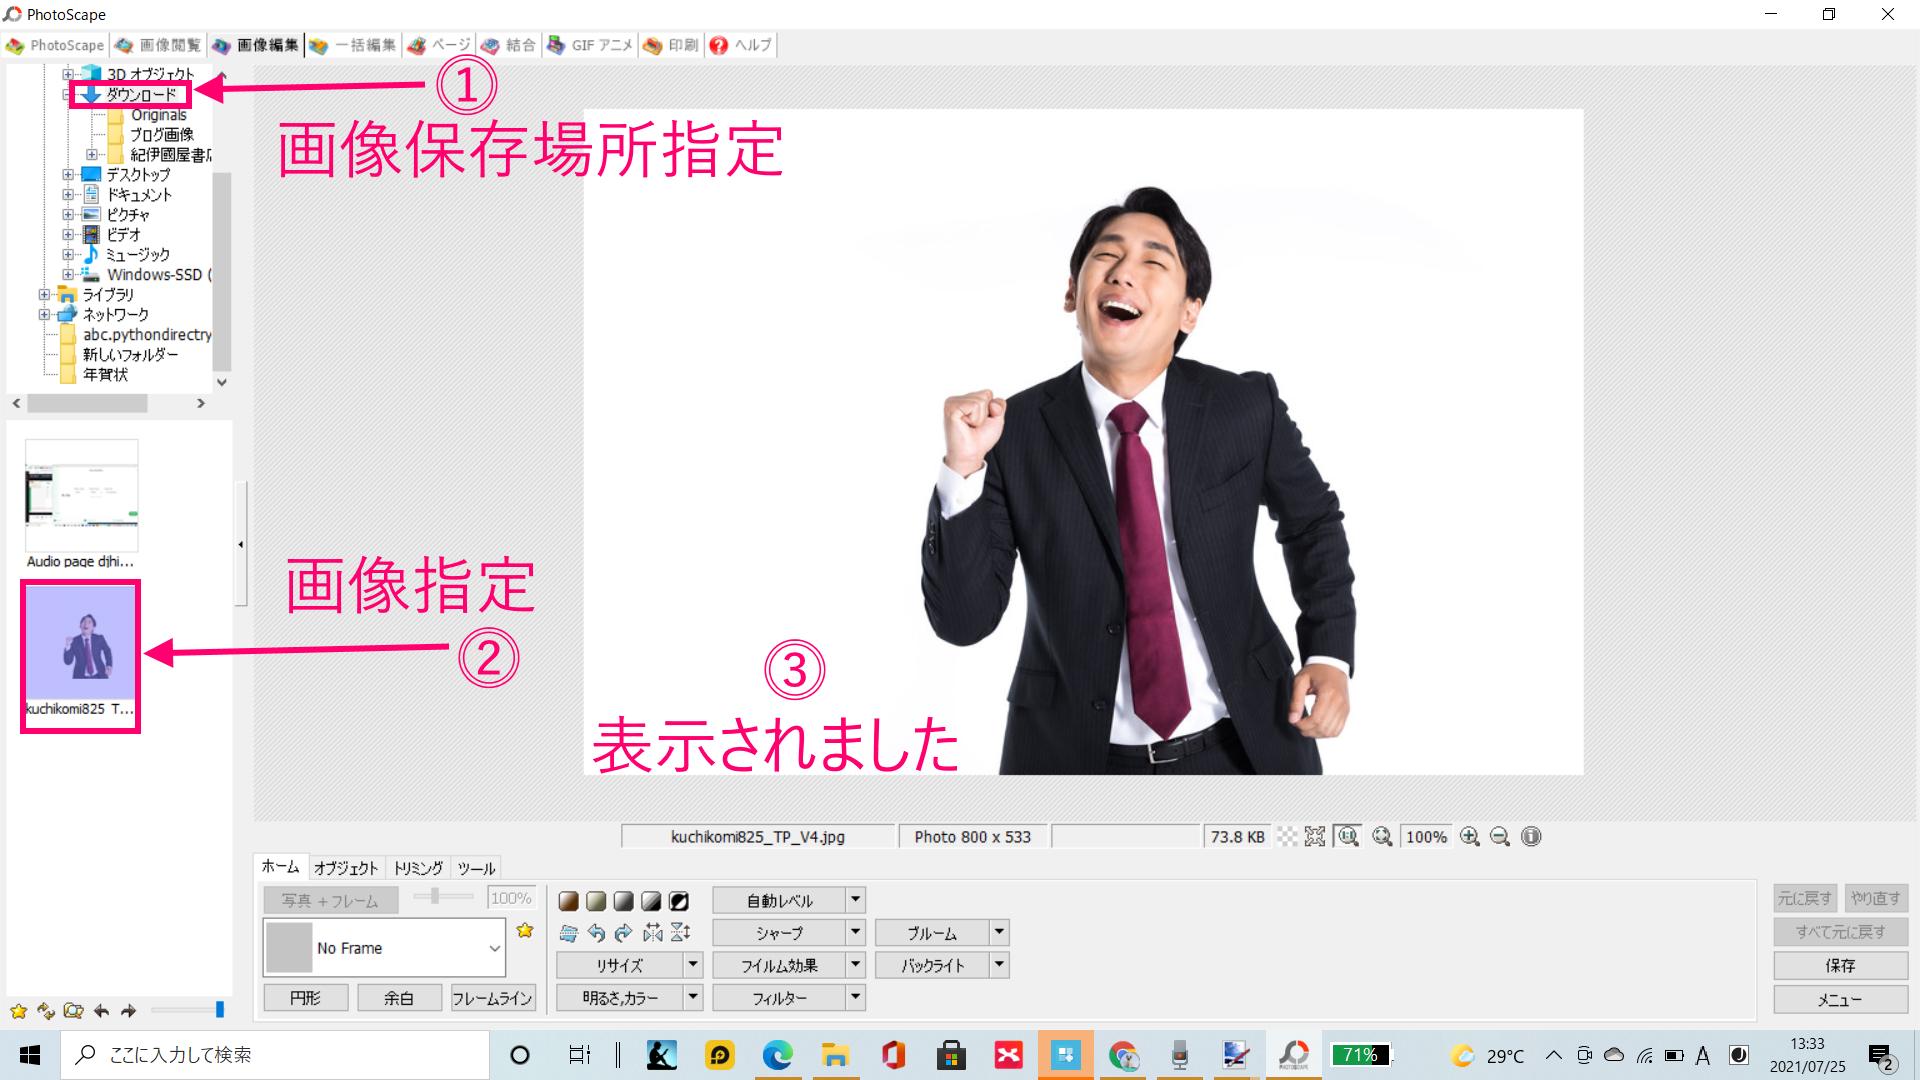 photoscape 画像編集画面.png